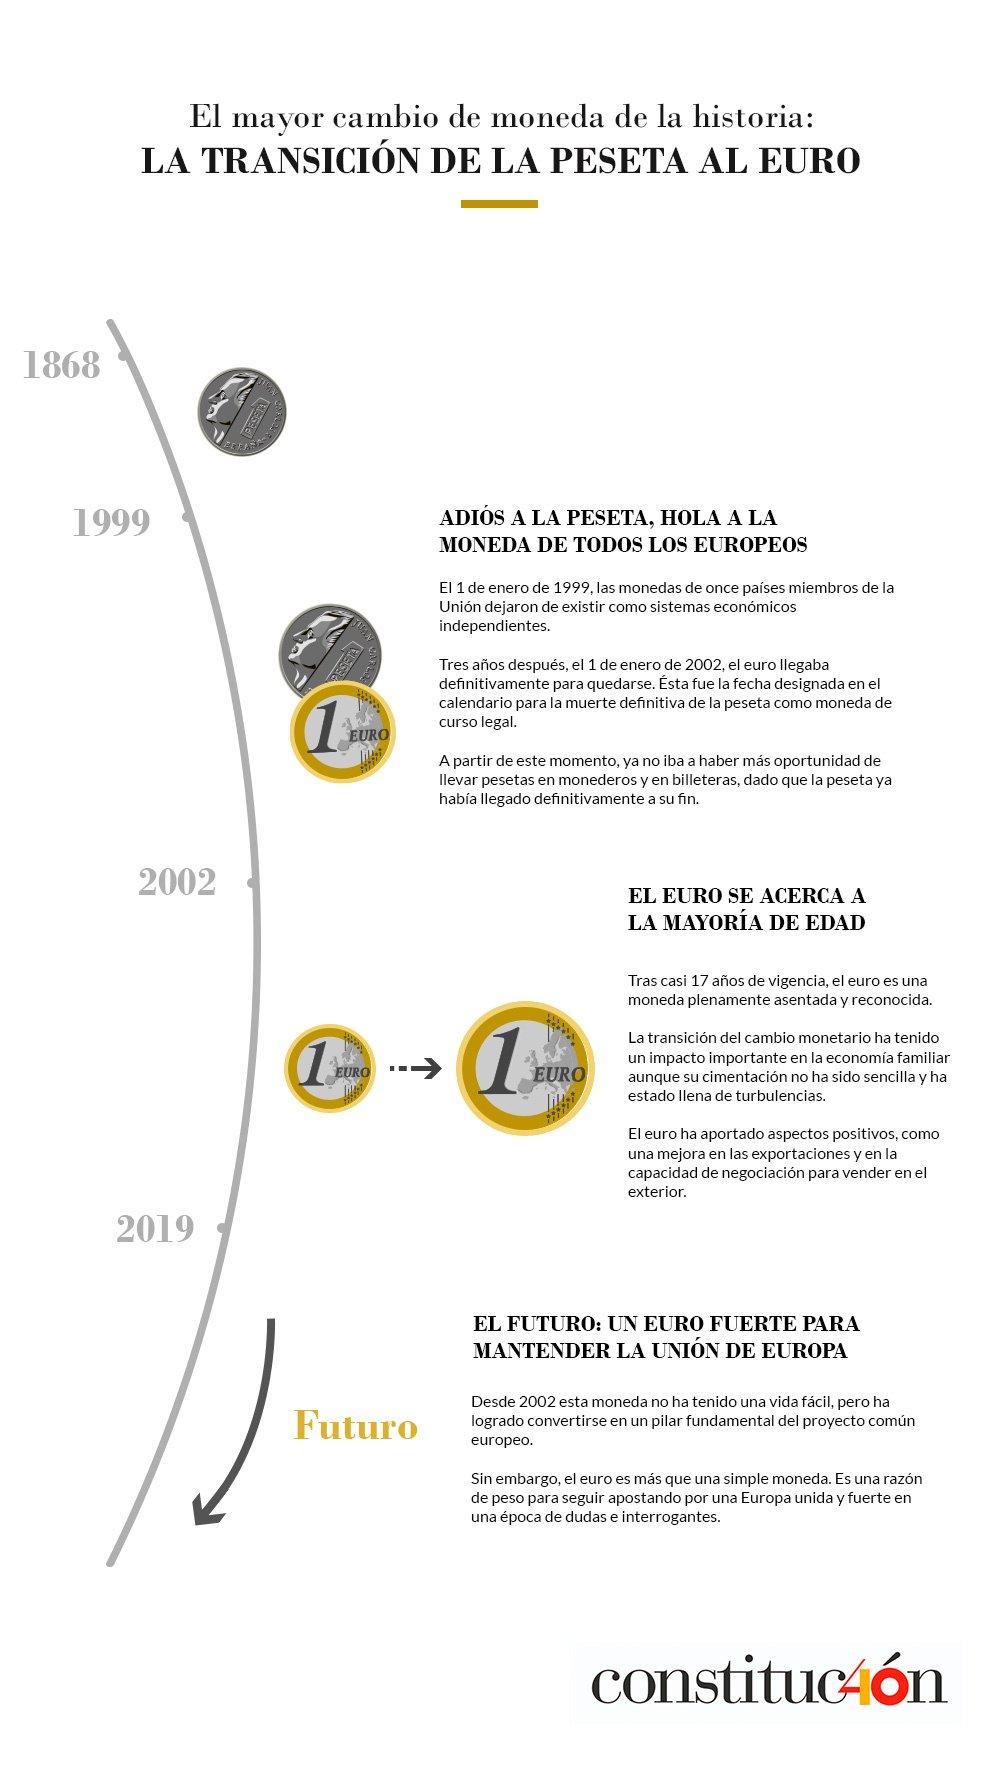 Congreso-de-los-Diputados-Marketing-de-Contenidos-03